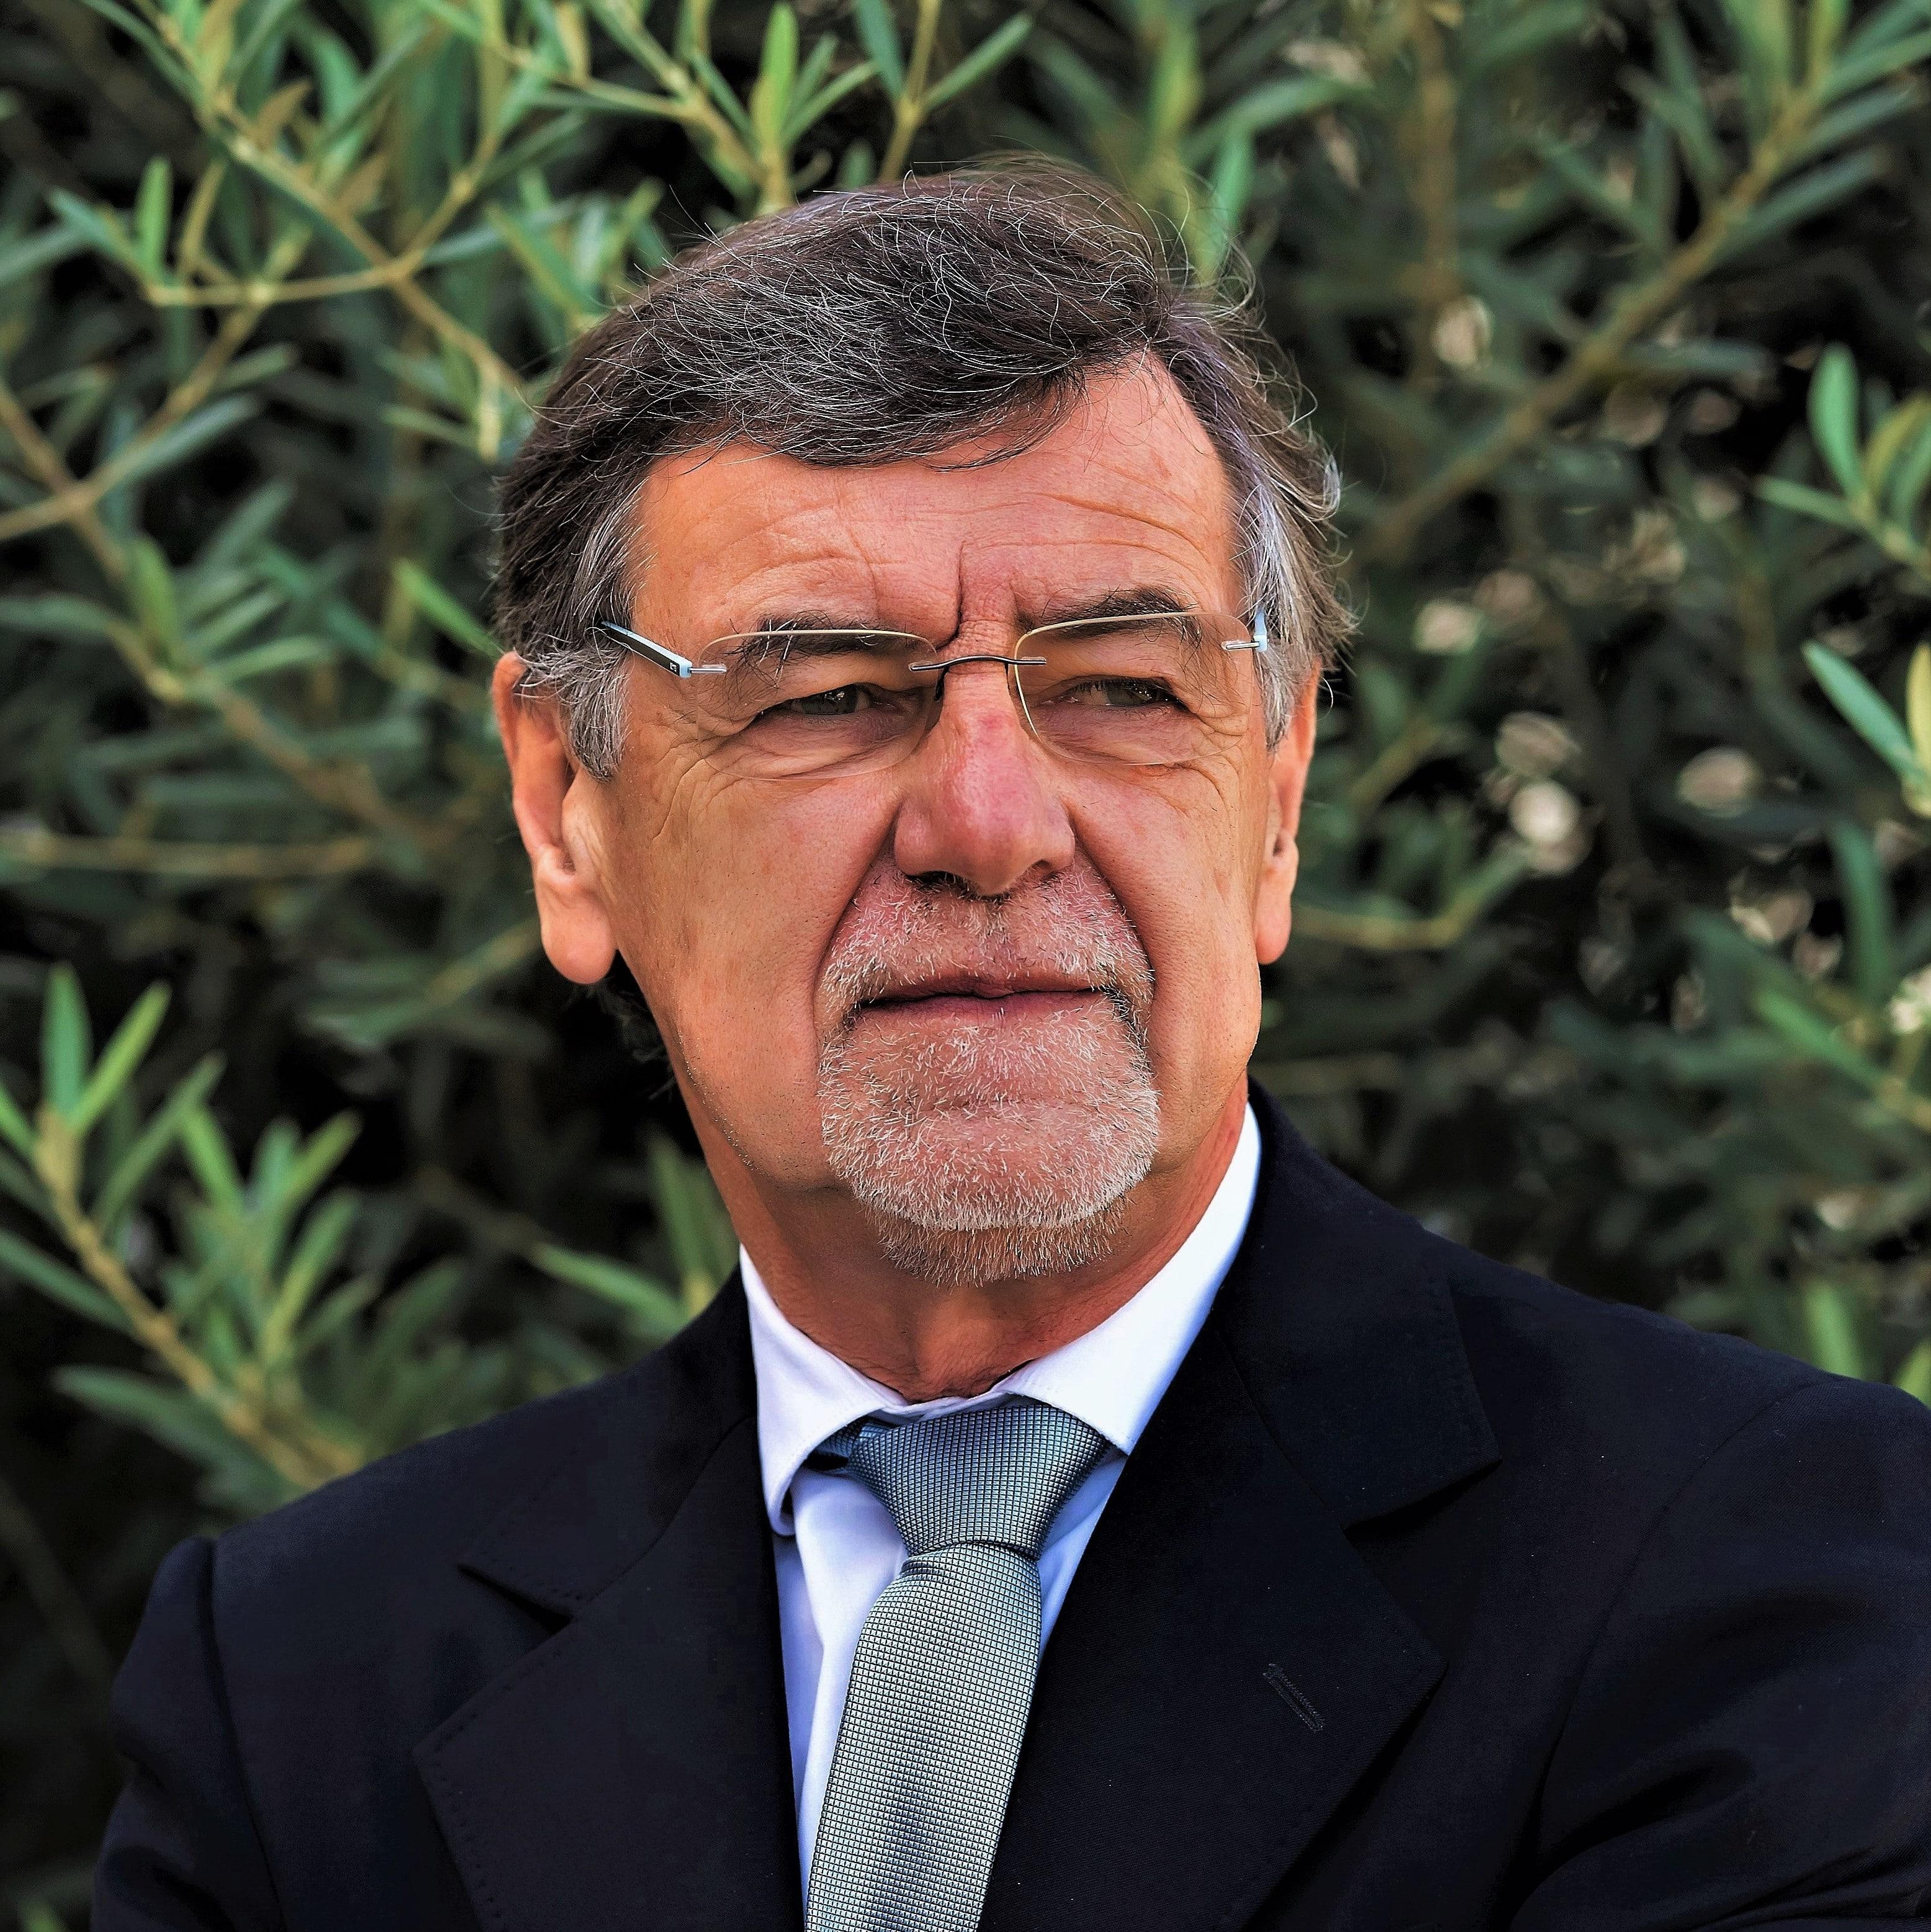 Luis Filipe Villas-Boas